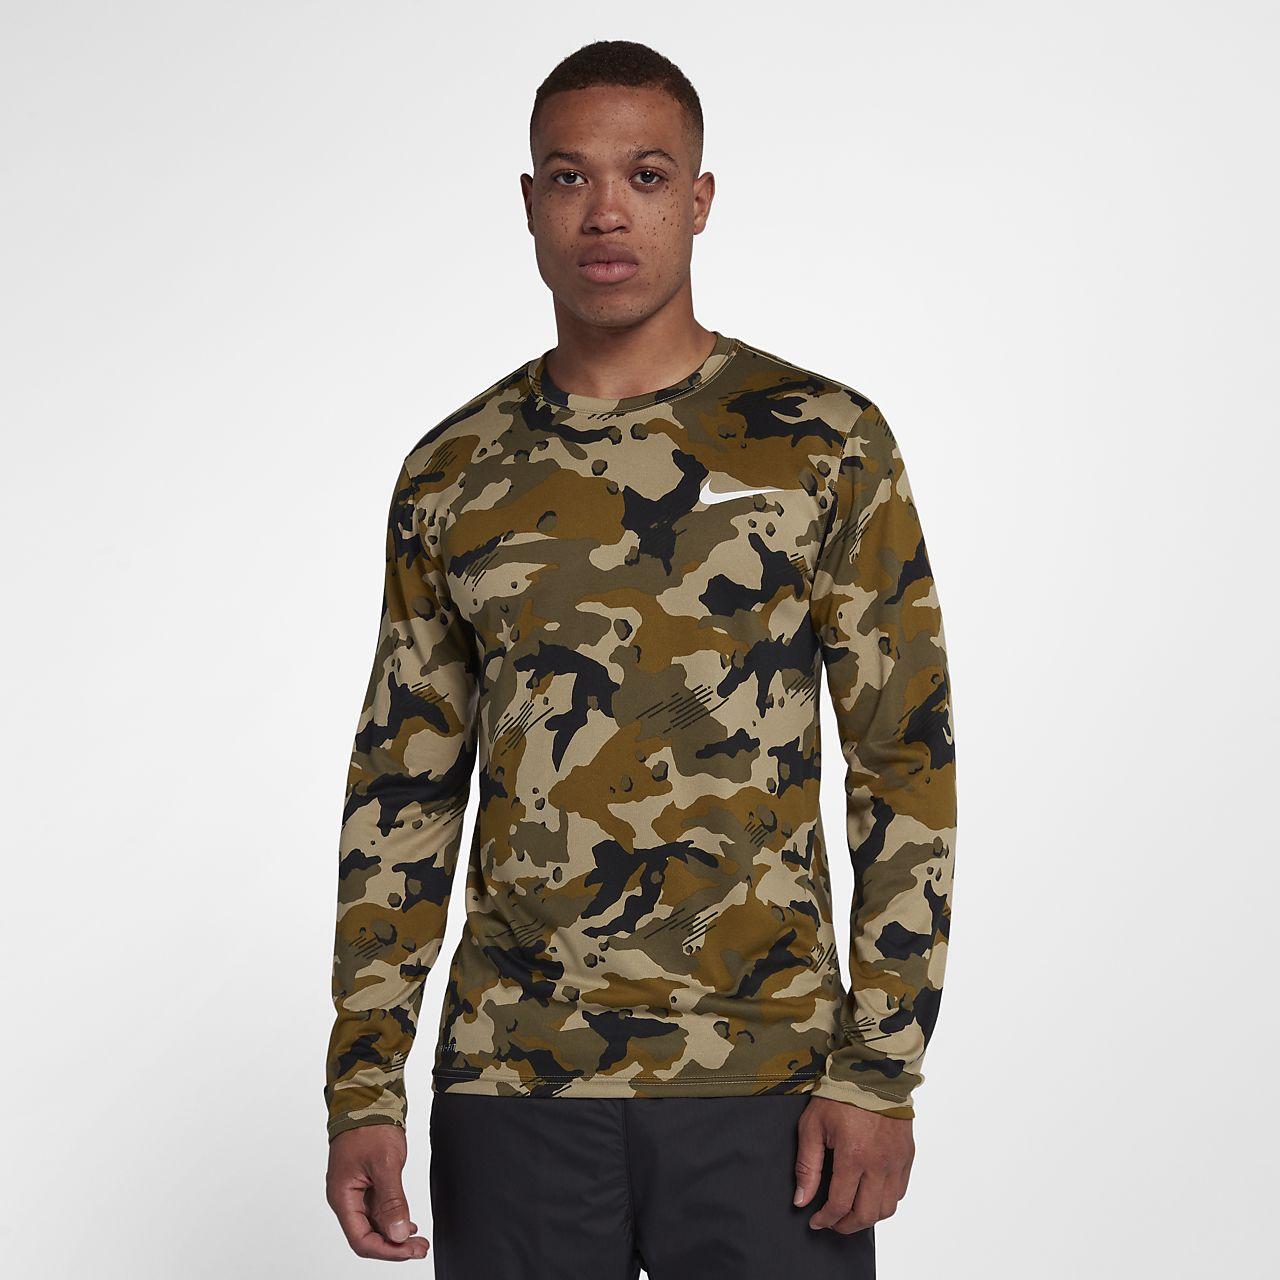 Мужская футболка с длинным рукавом для тренинга с камуфляжным принтом Nike Dri-FIT Legend